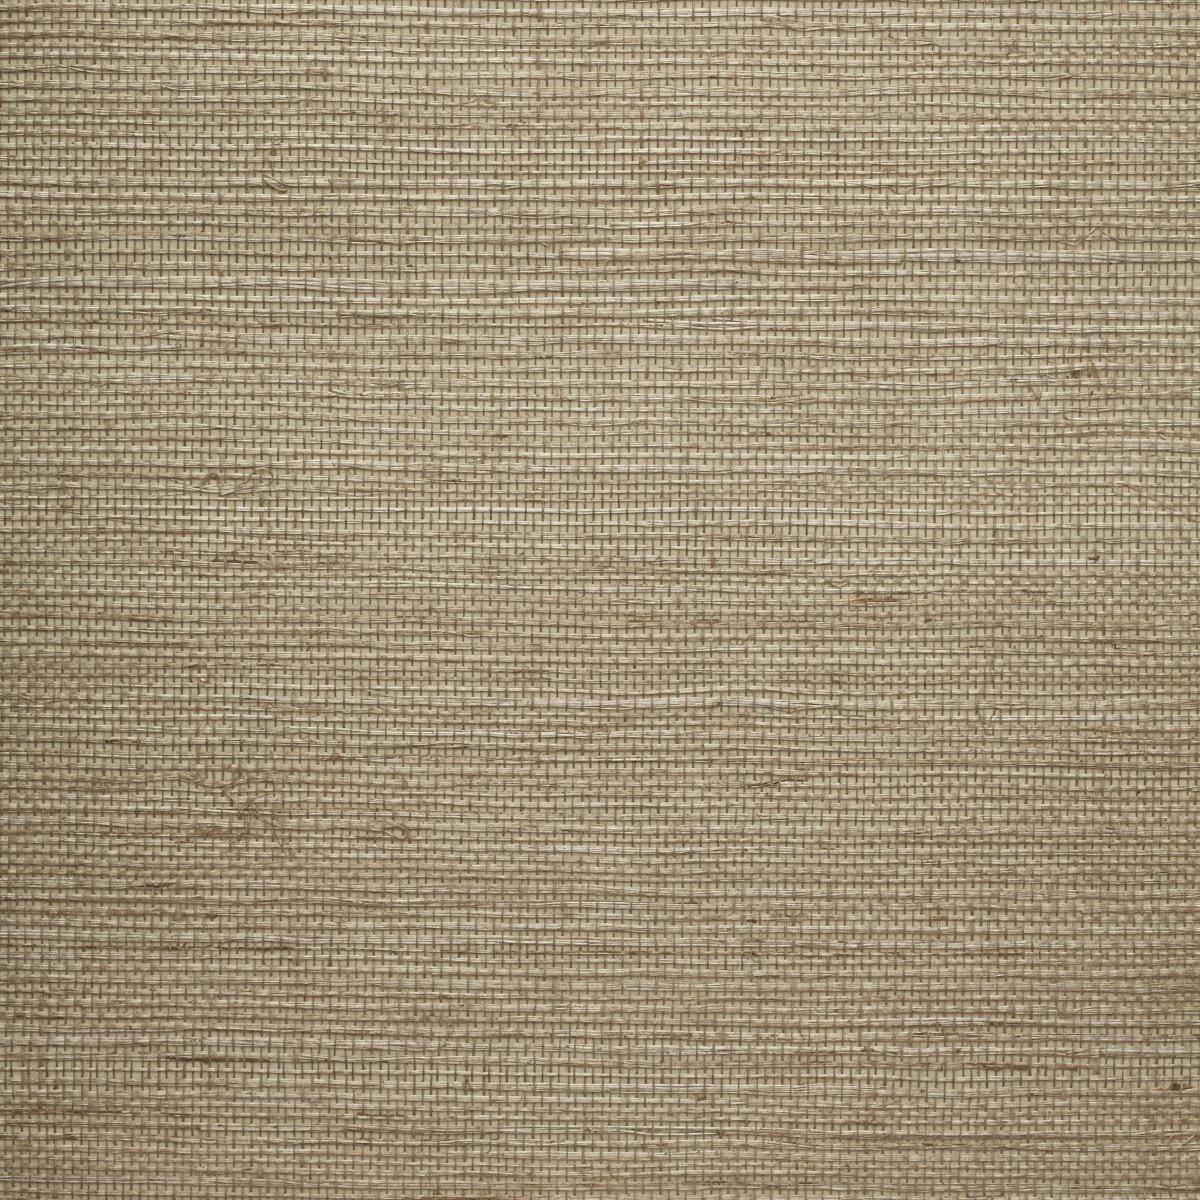 Sisal Wallpaper Bt 2184 Bernard Thorp Fabric And Wallpaper